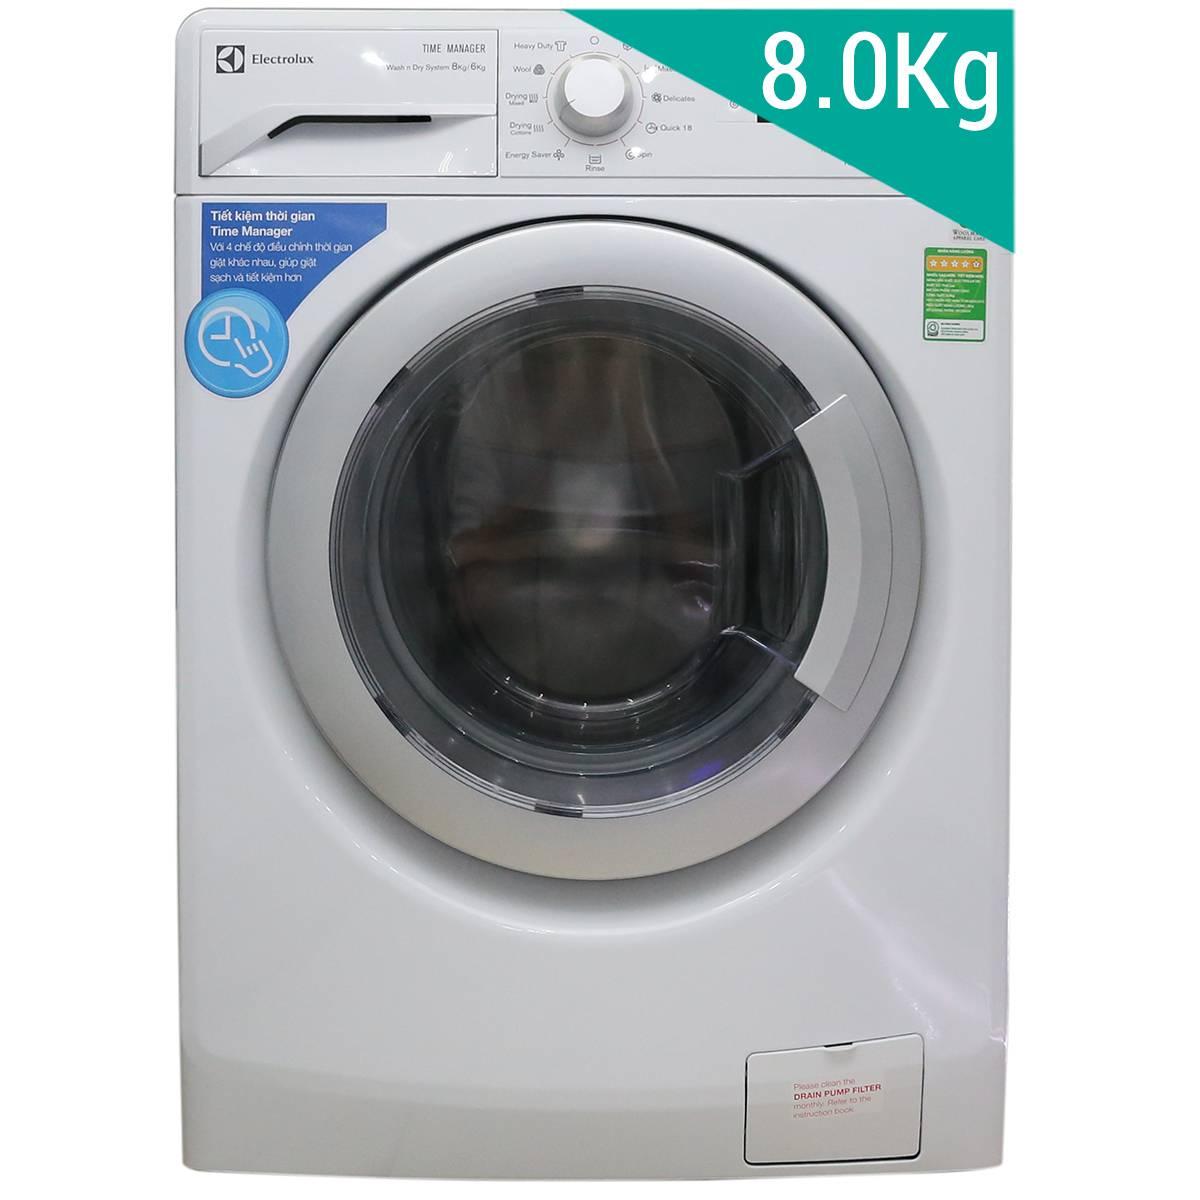 Top 4 máy giặt hấp quần áo đáng để sử dụng nhất hiện nay